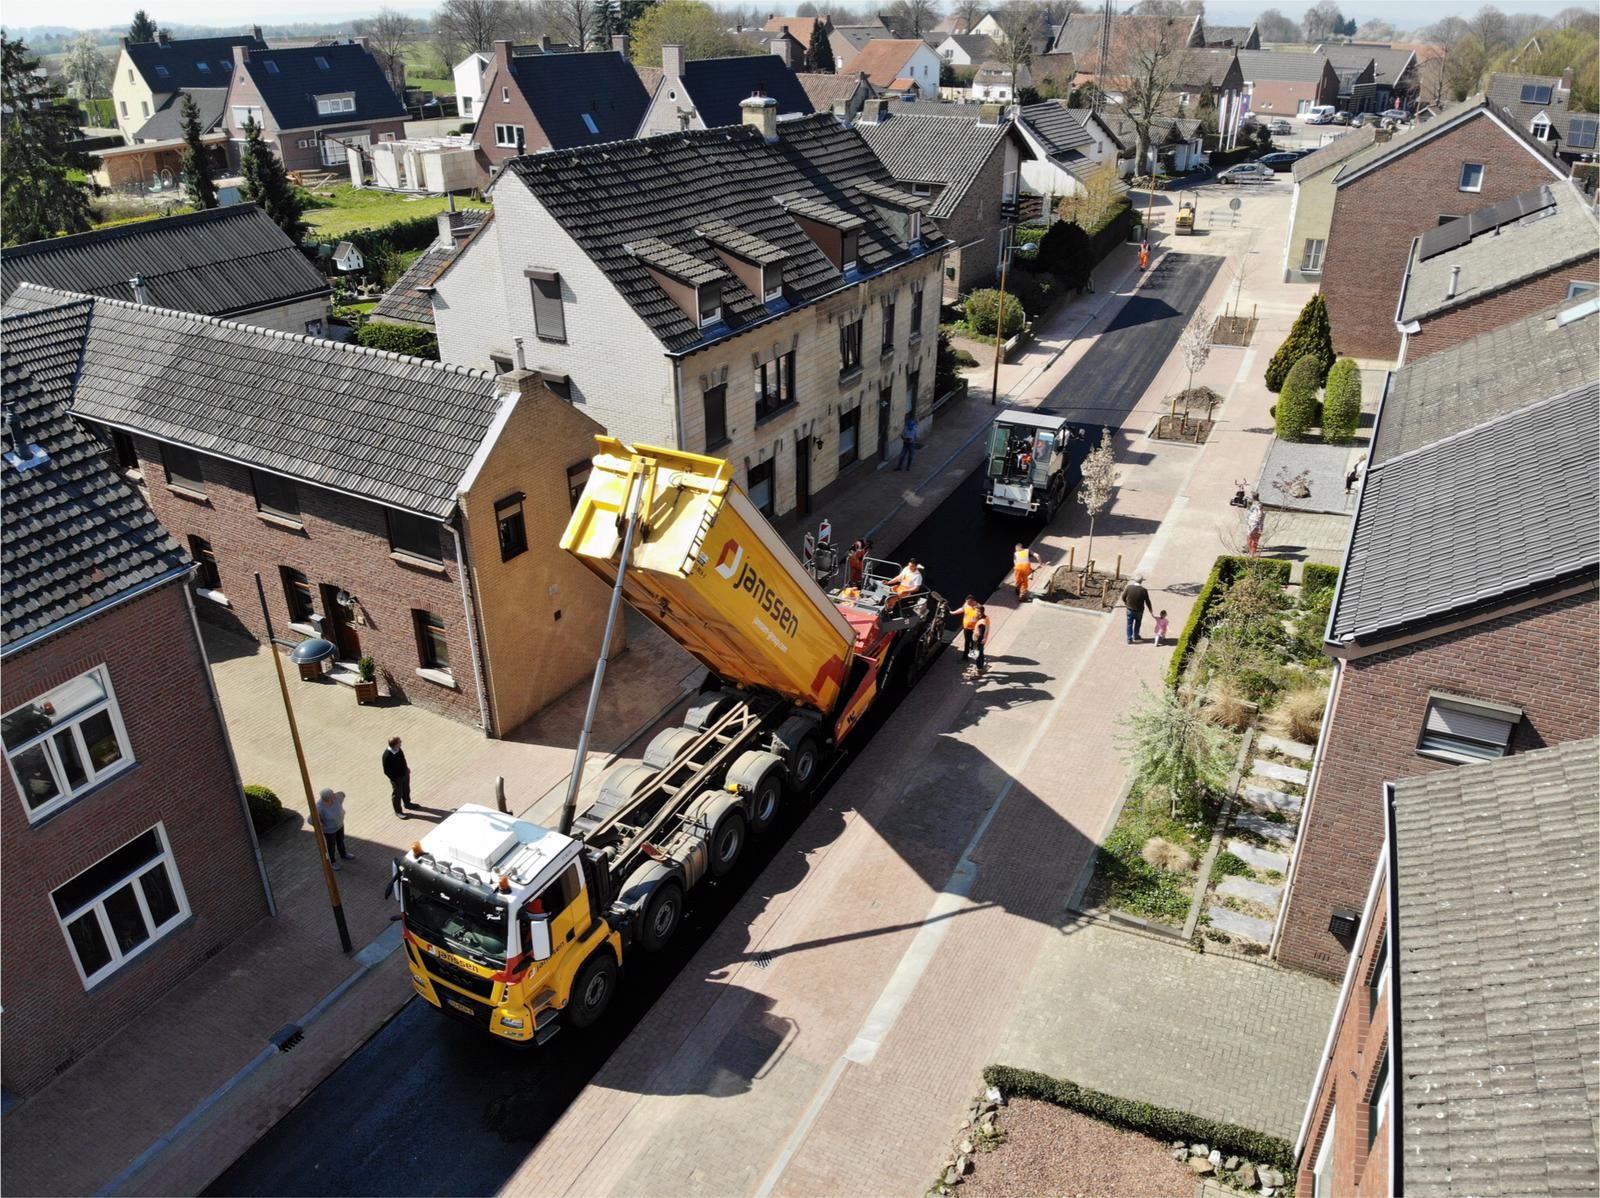 Van-APK-Wegenbouw-hebben-wij-het-meerjarig-contract-gegund-gekregen-voor-het-asfalttransport-en-het-vervoer-van-hun-asfaltsets-nieuwe-Scania-8x4-kraanauto-met-dieplader-en-de-nie-5